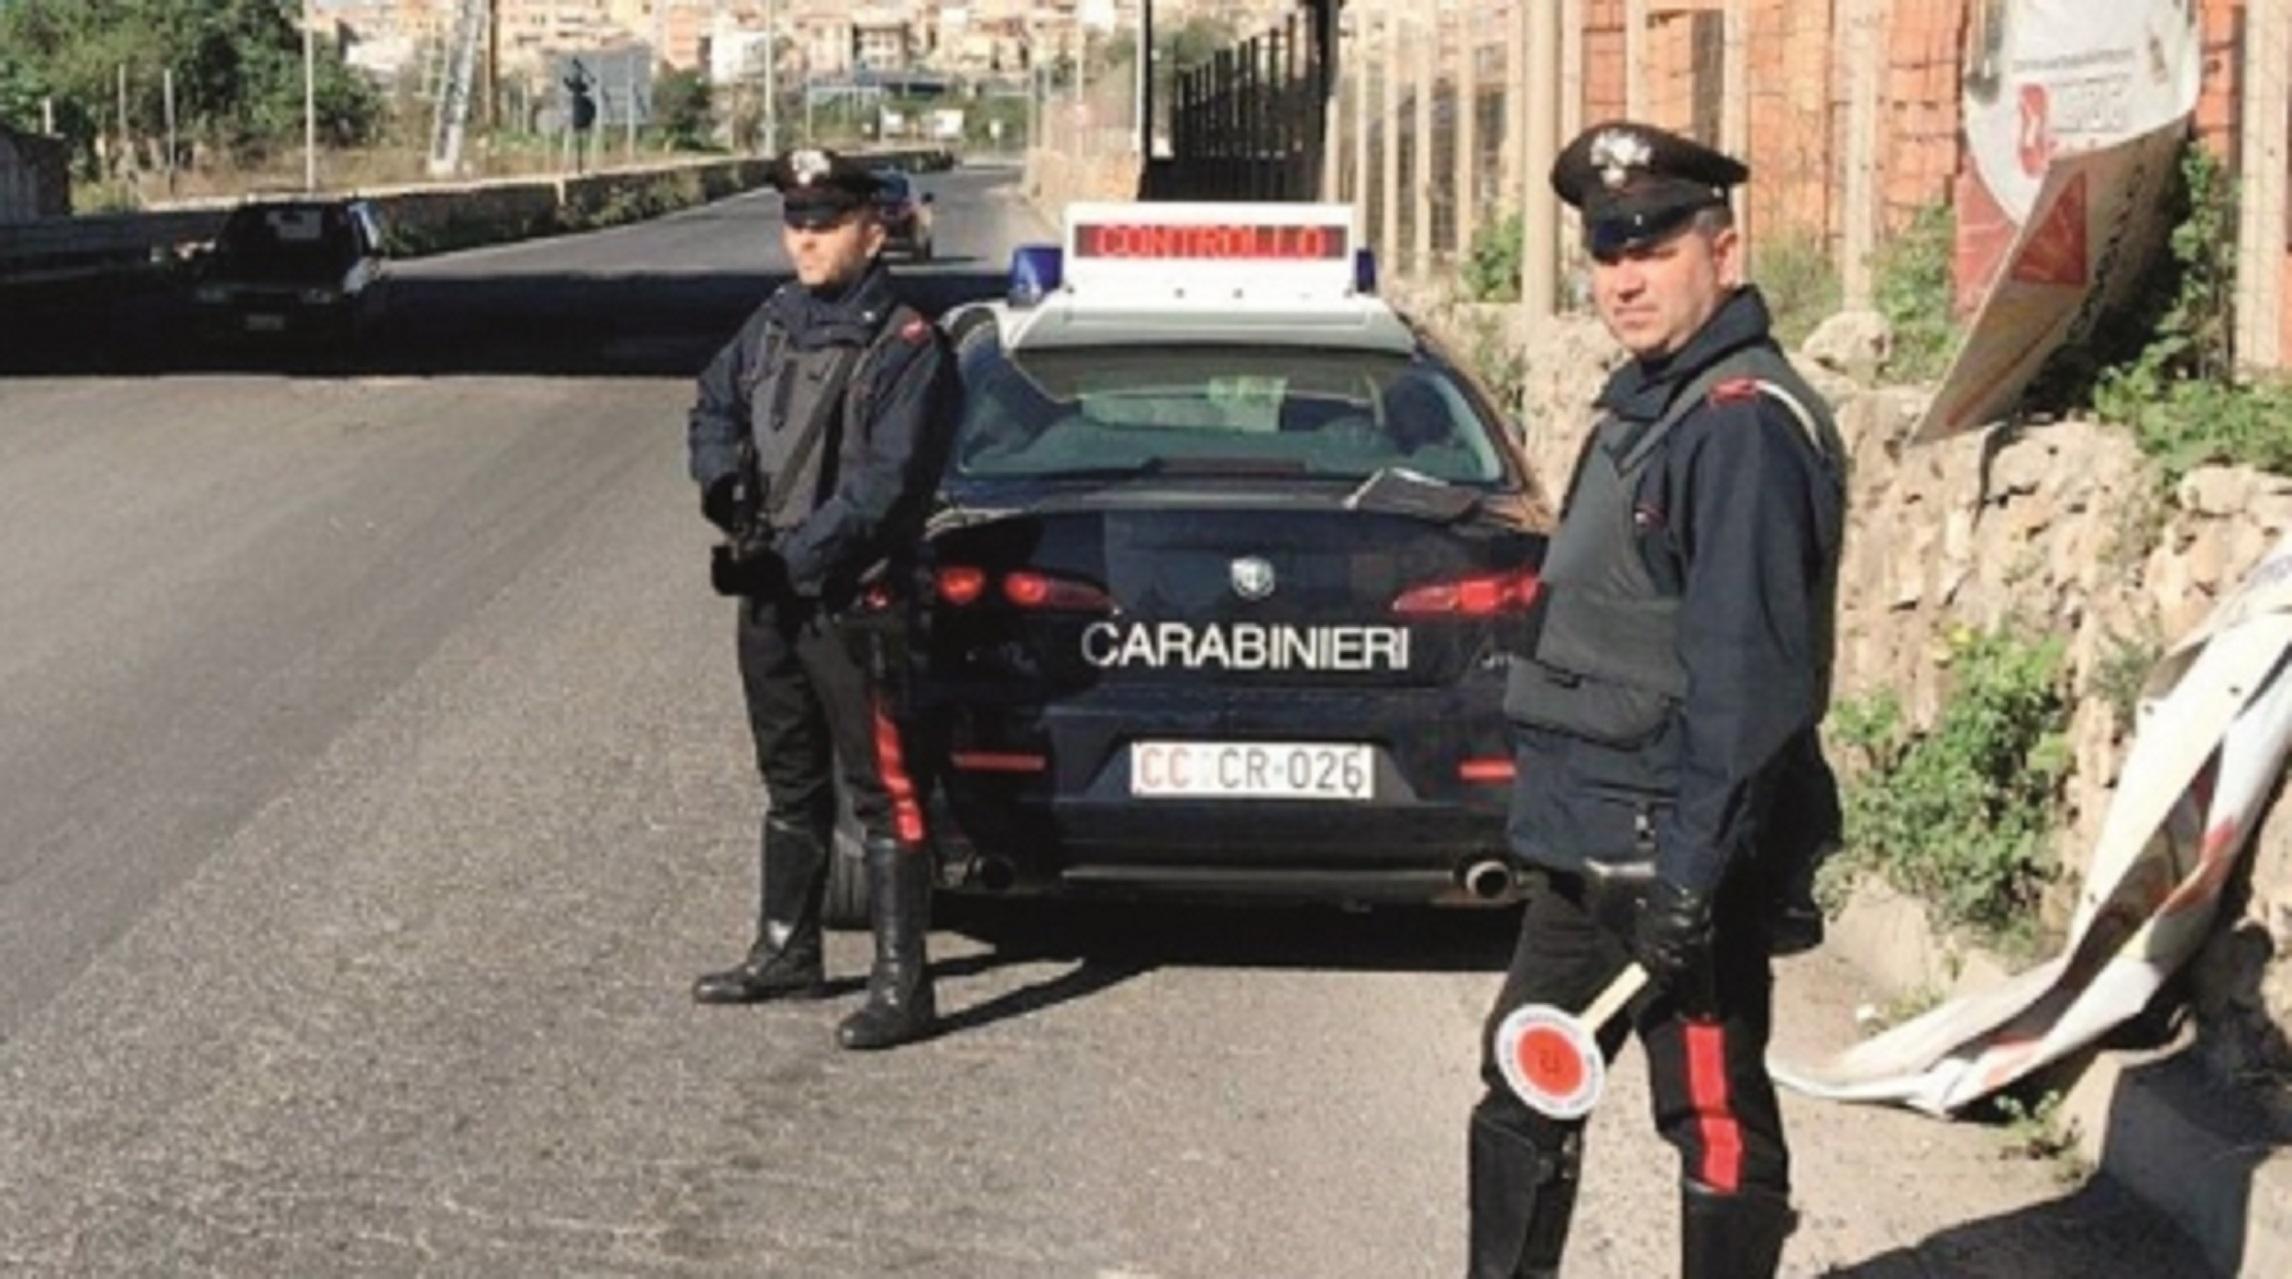 Droga, esplosivi e armi illegali scoperti in garage: un arresto ad ...